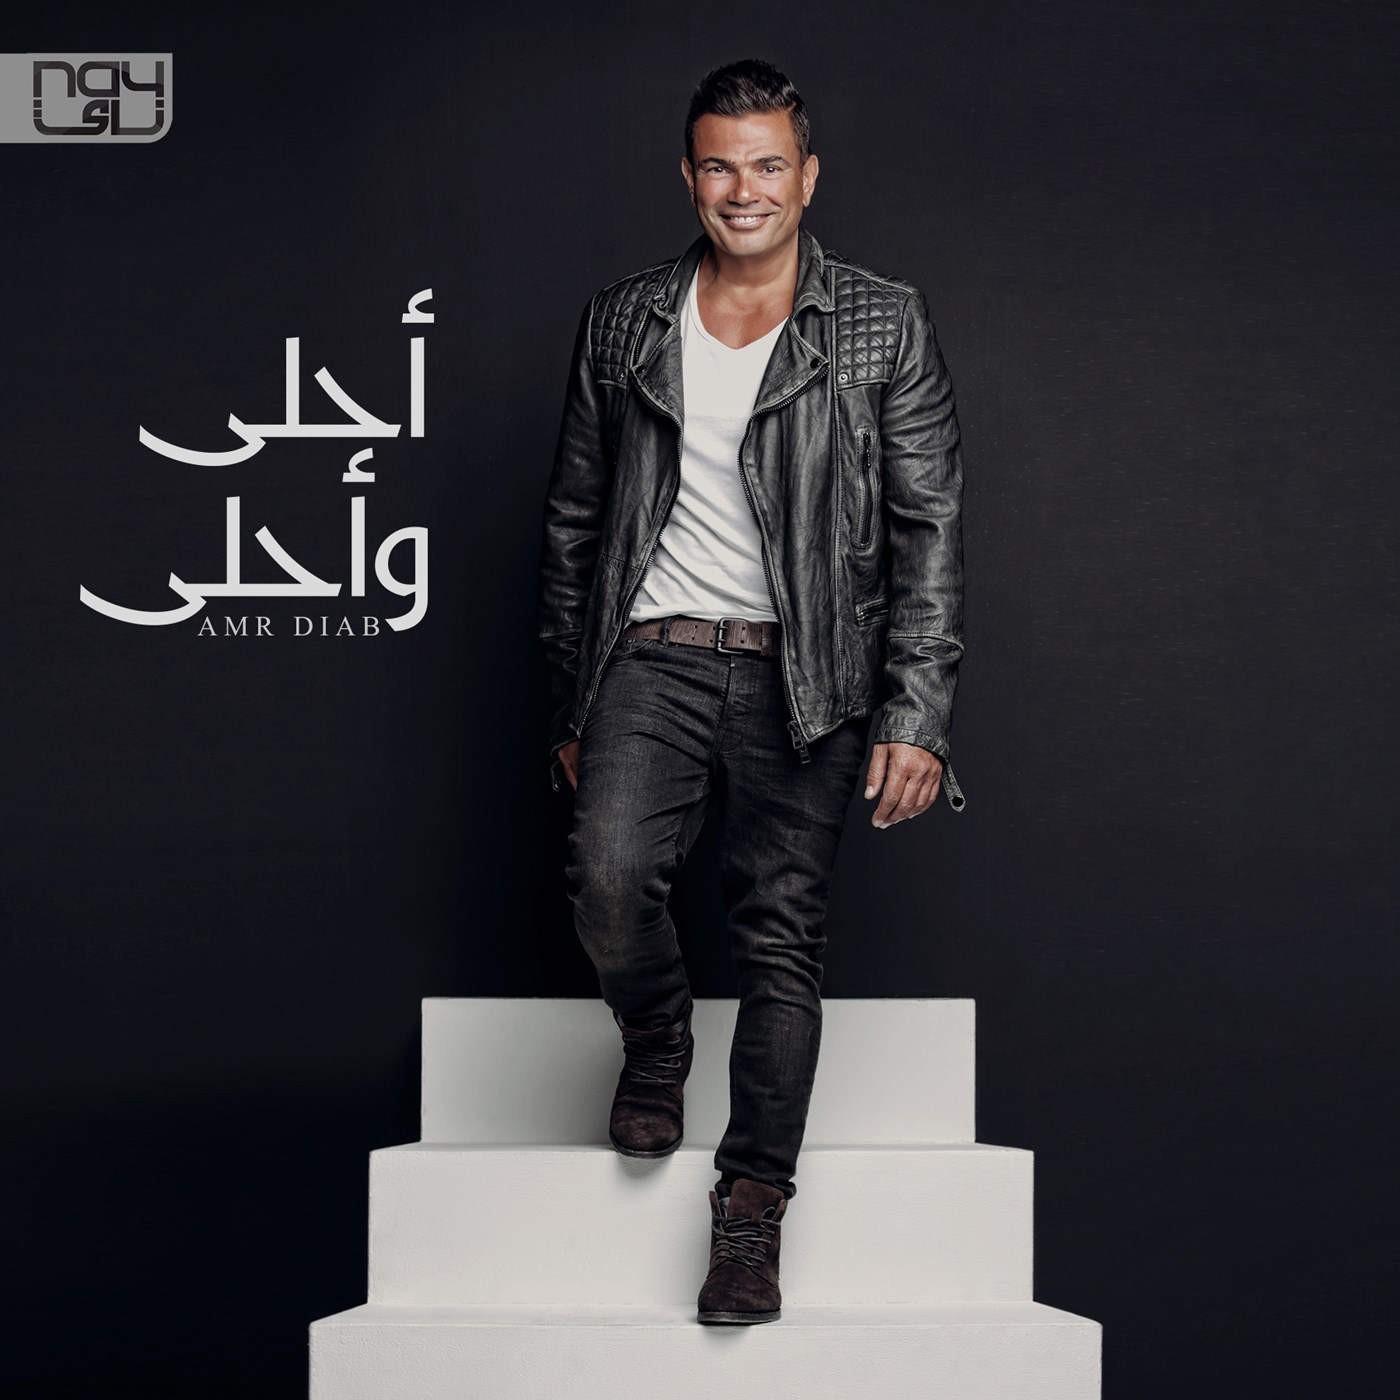 دانلود آلبوم جدید عمرو دیاب أحلى وأحلى